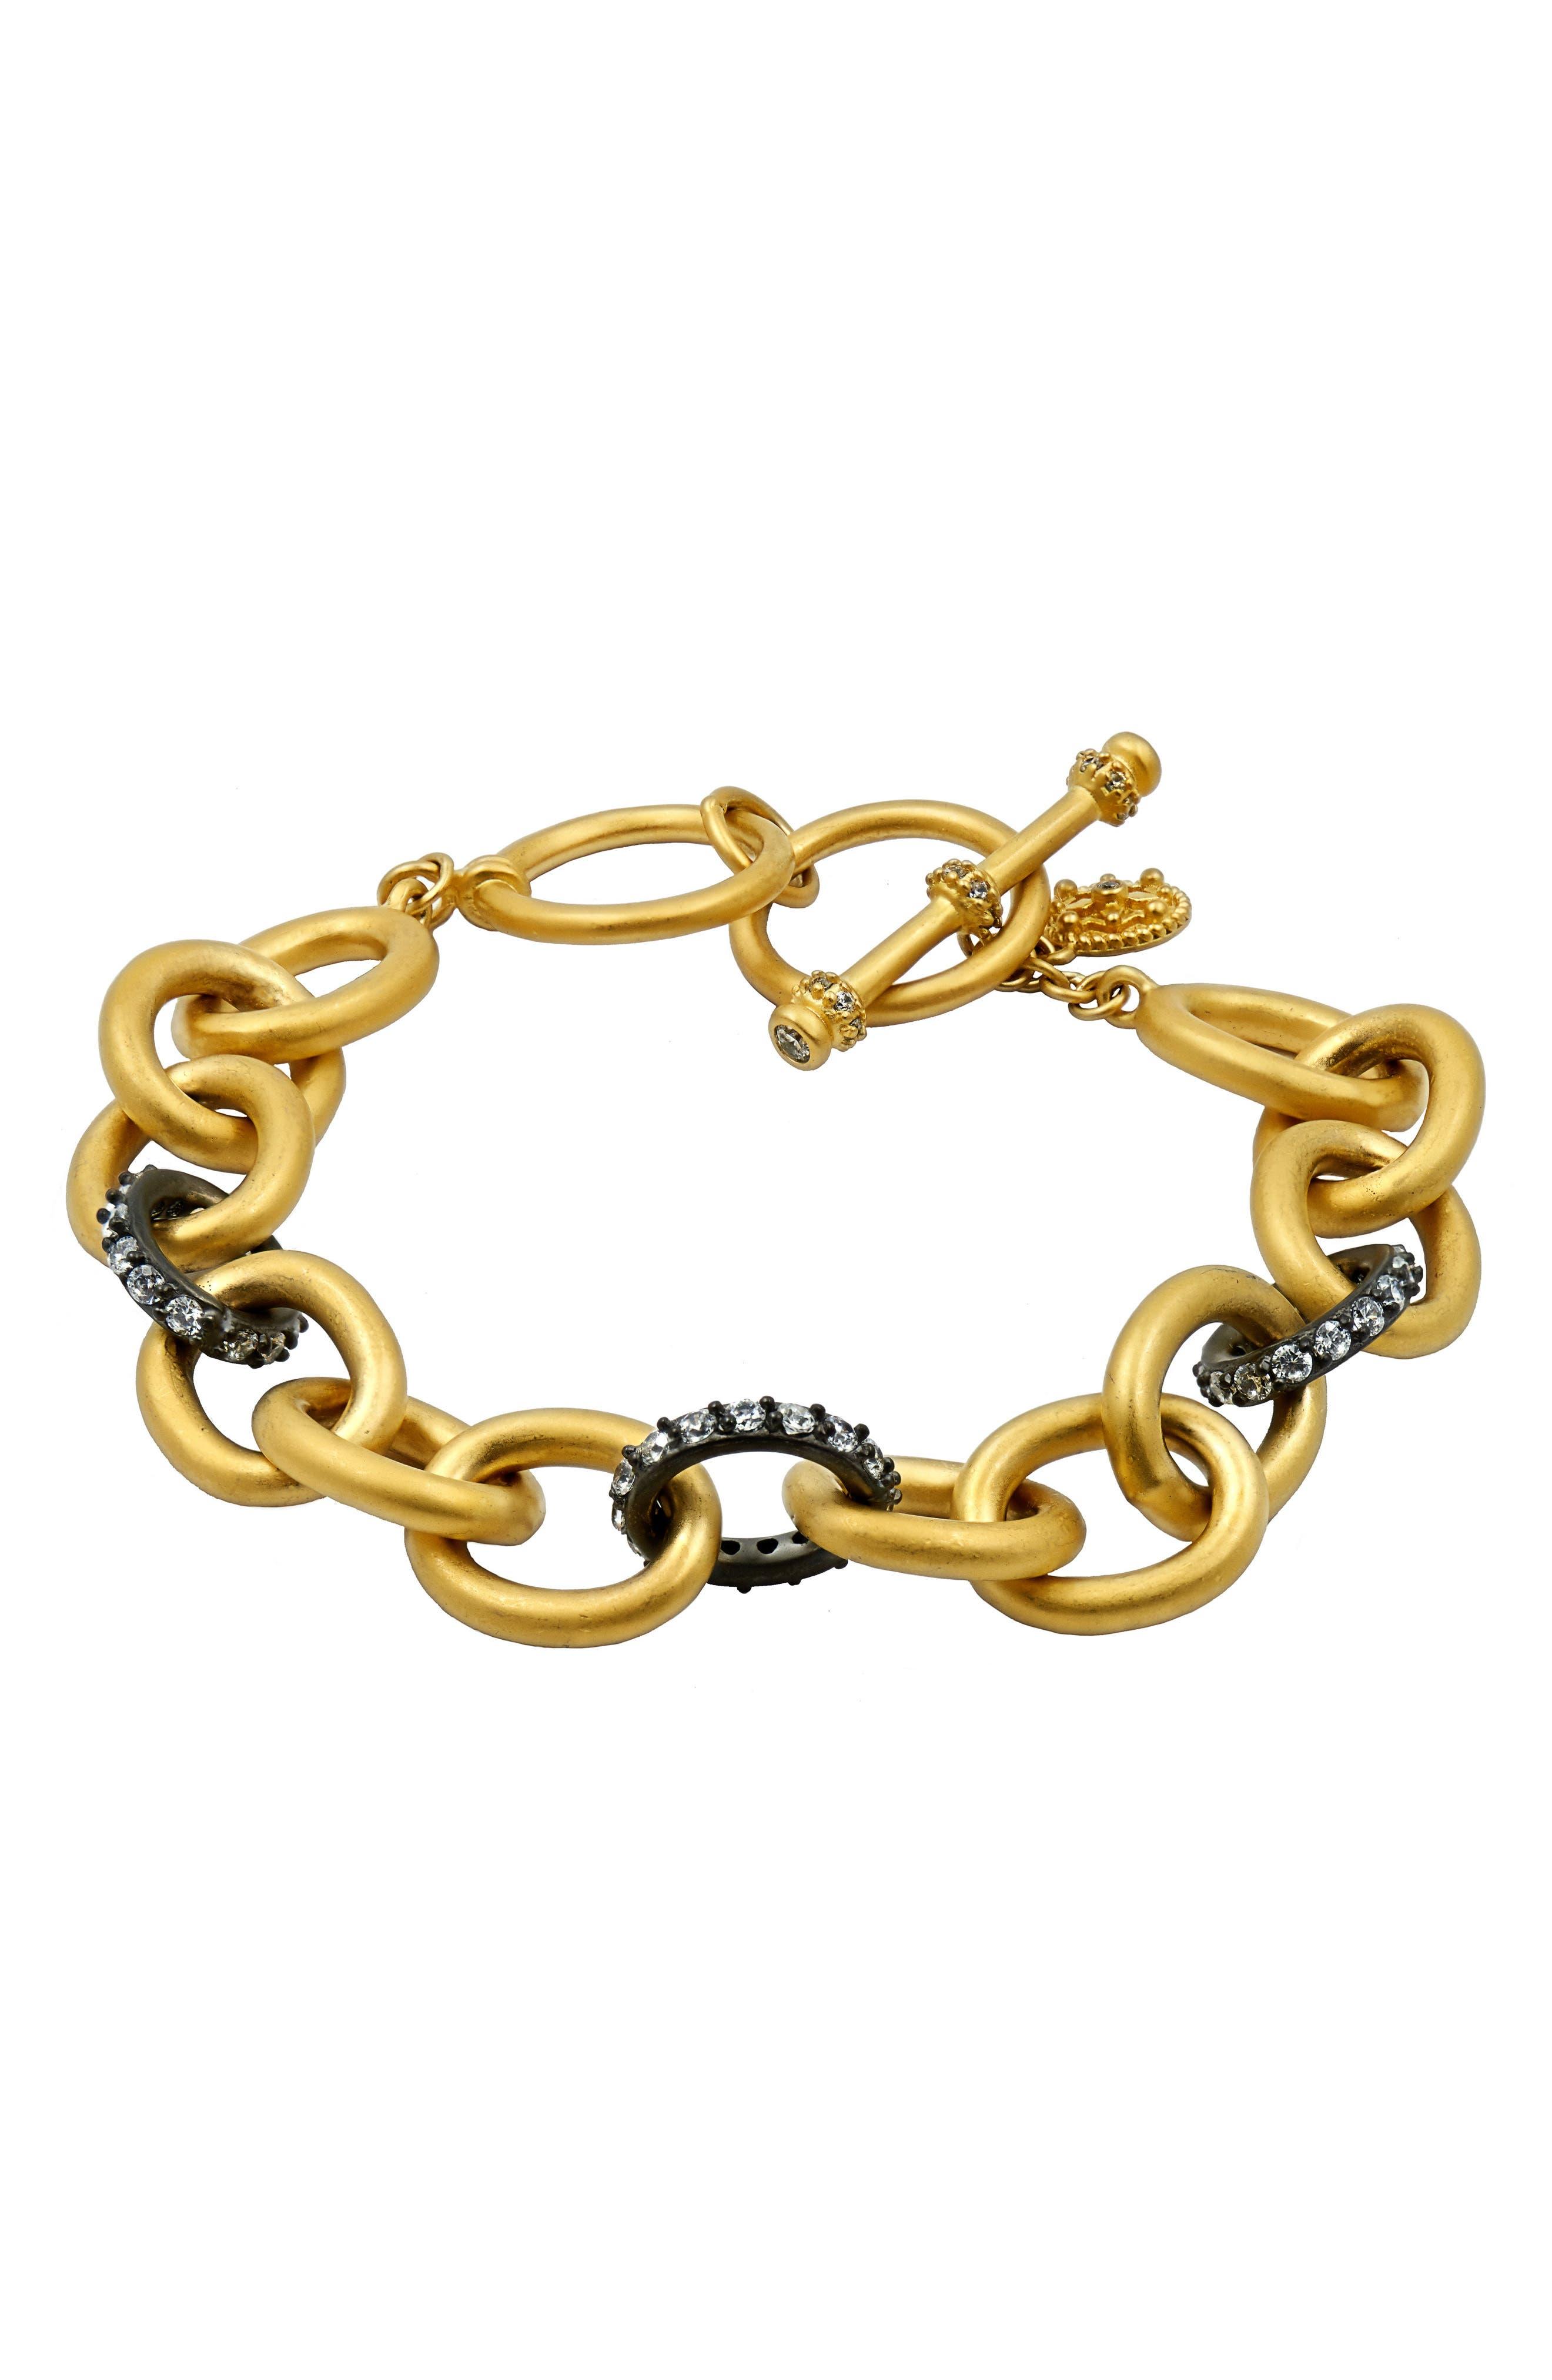 Signature Heavy Link Bracelet,                             Main thumbnail 1, color,                             Gold/ Black